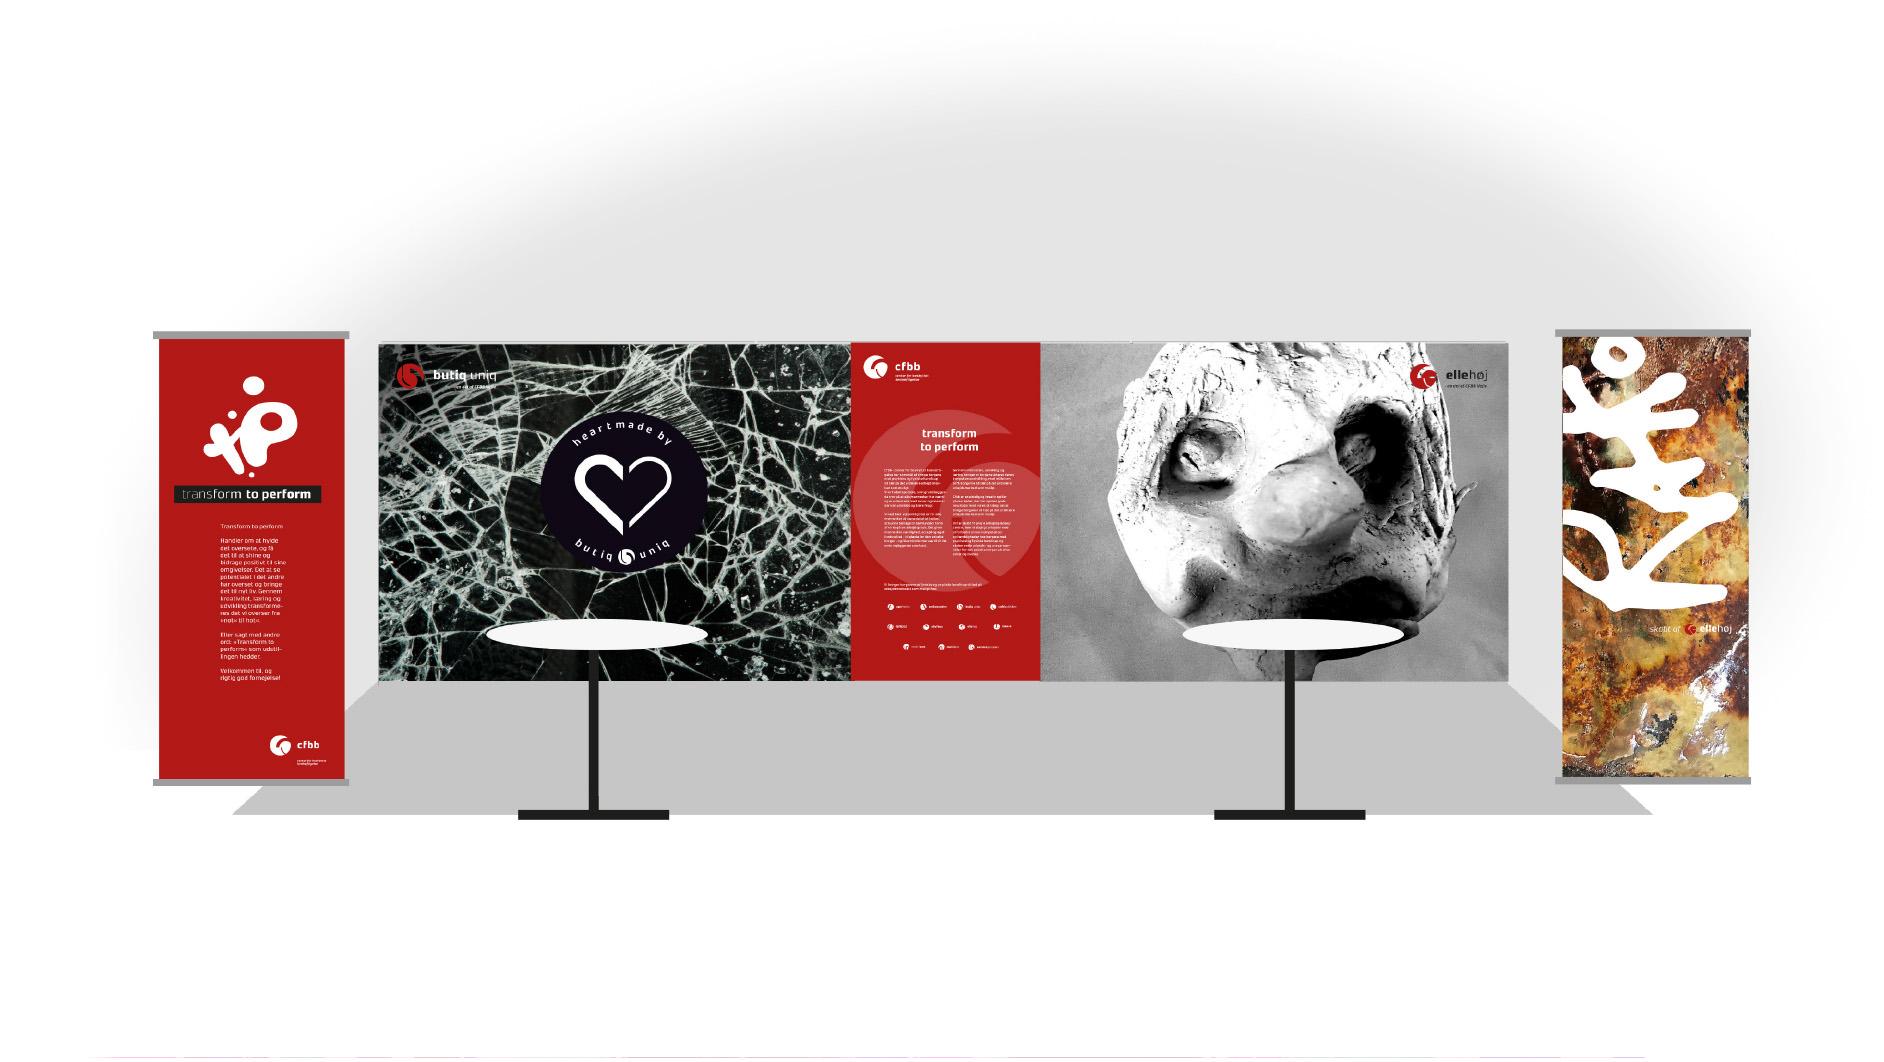 cfbb_stort_design02